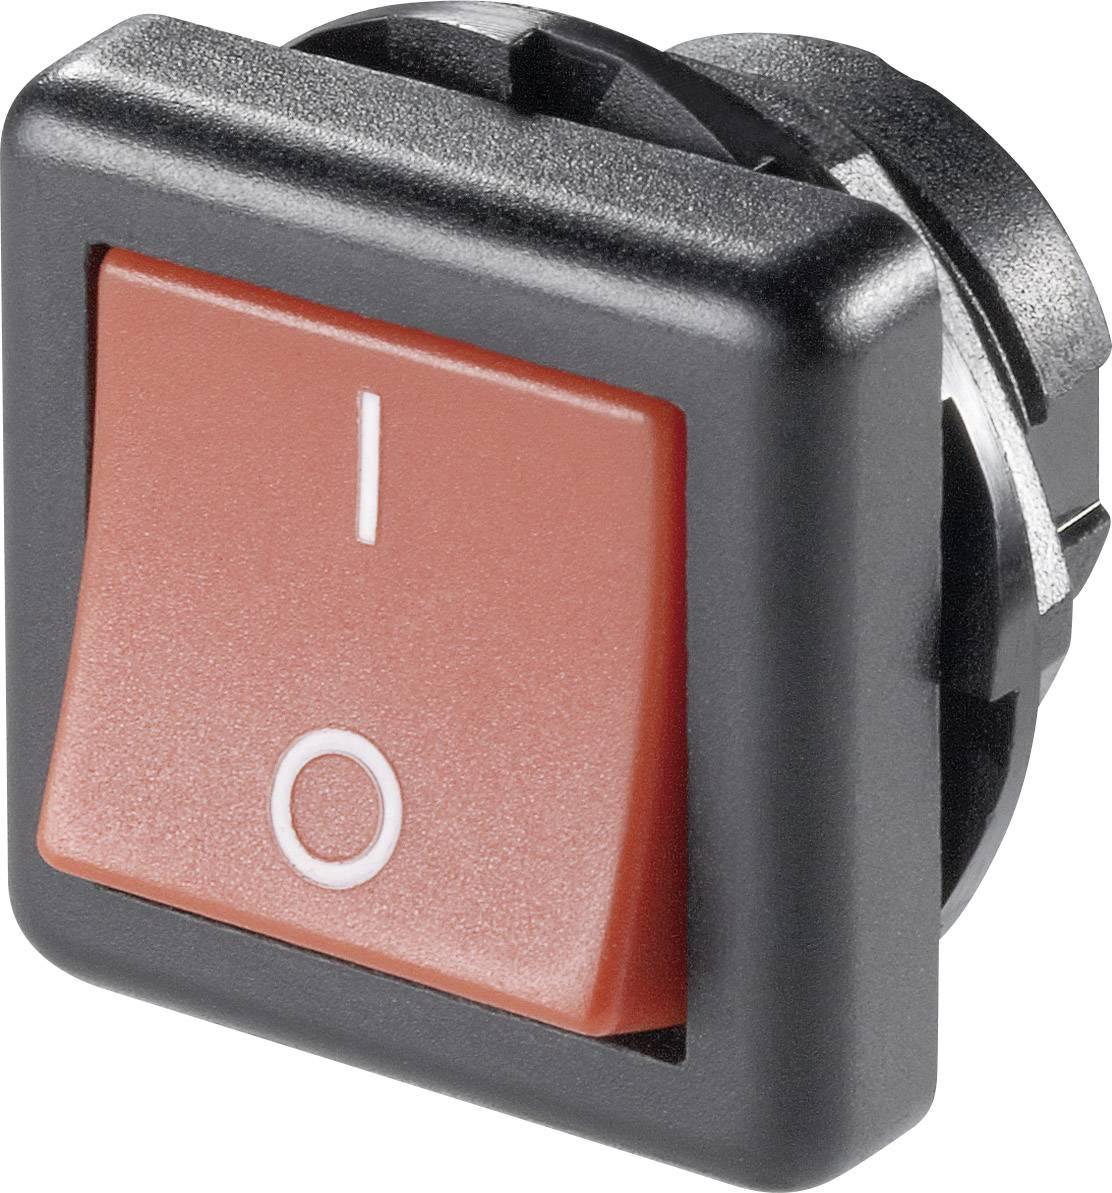 Kolískový spínač s aretáciou SCI R13-136A-05 RED, 250 V/AC, 6 A, 1x vyp/zap, 1 ks